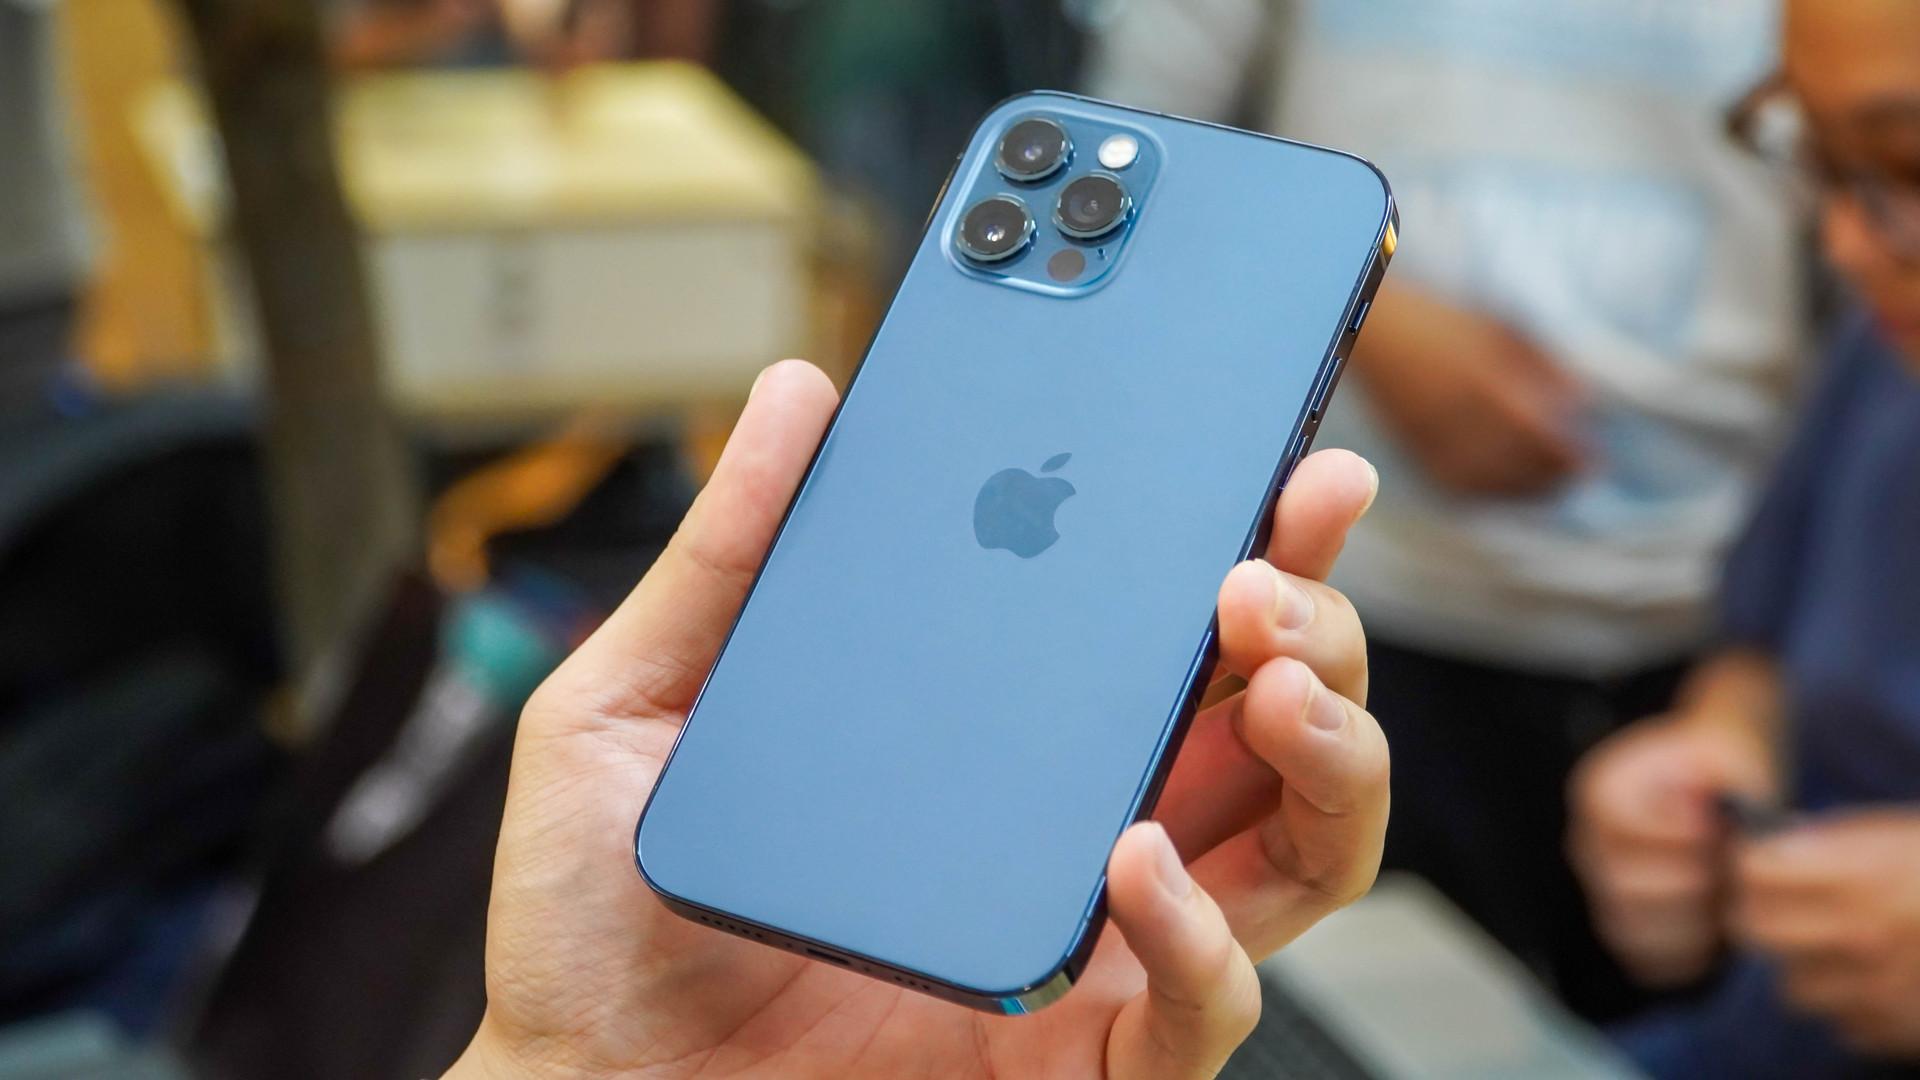 Loạt smartphone cao cấp đang giảm giá cả chục triệu đồng tại Việt Nam - 2